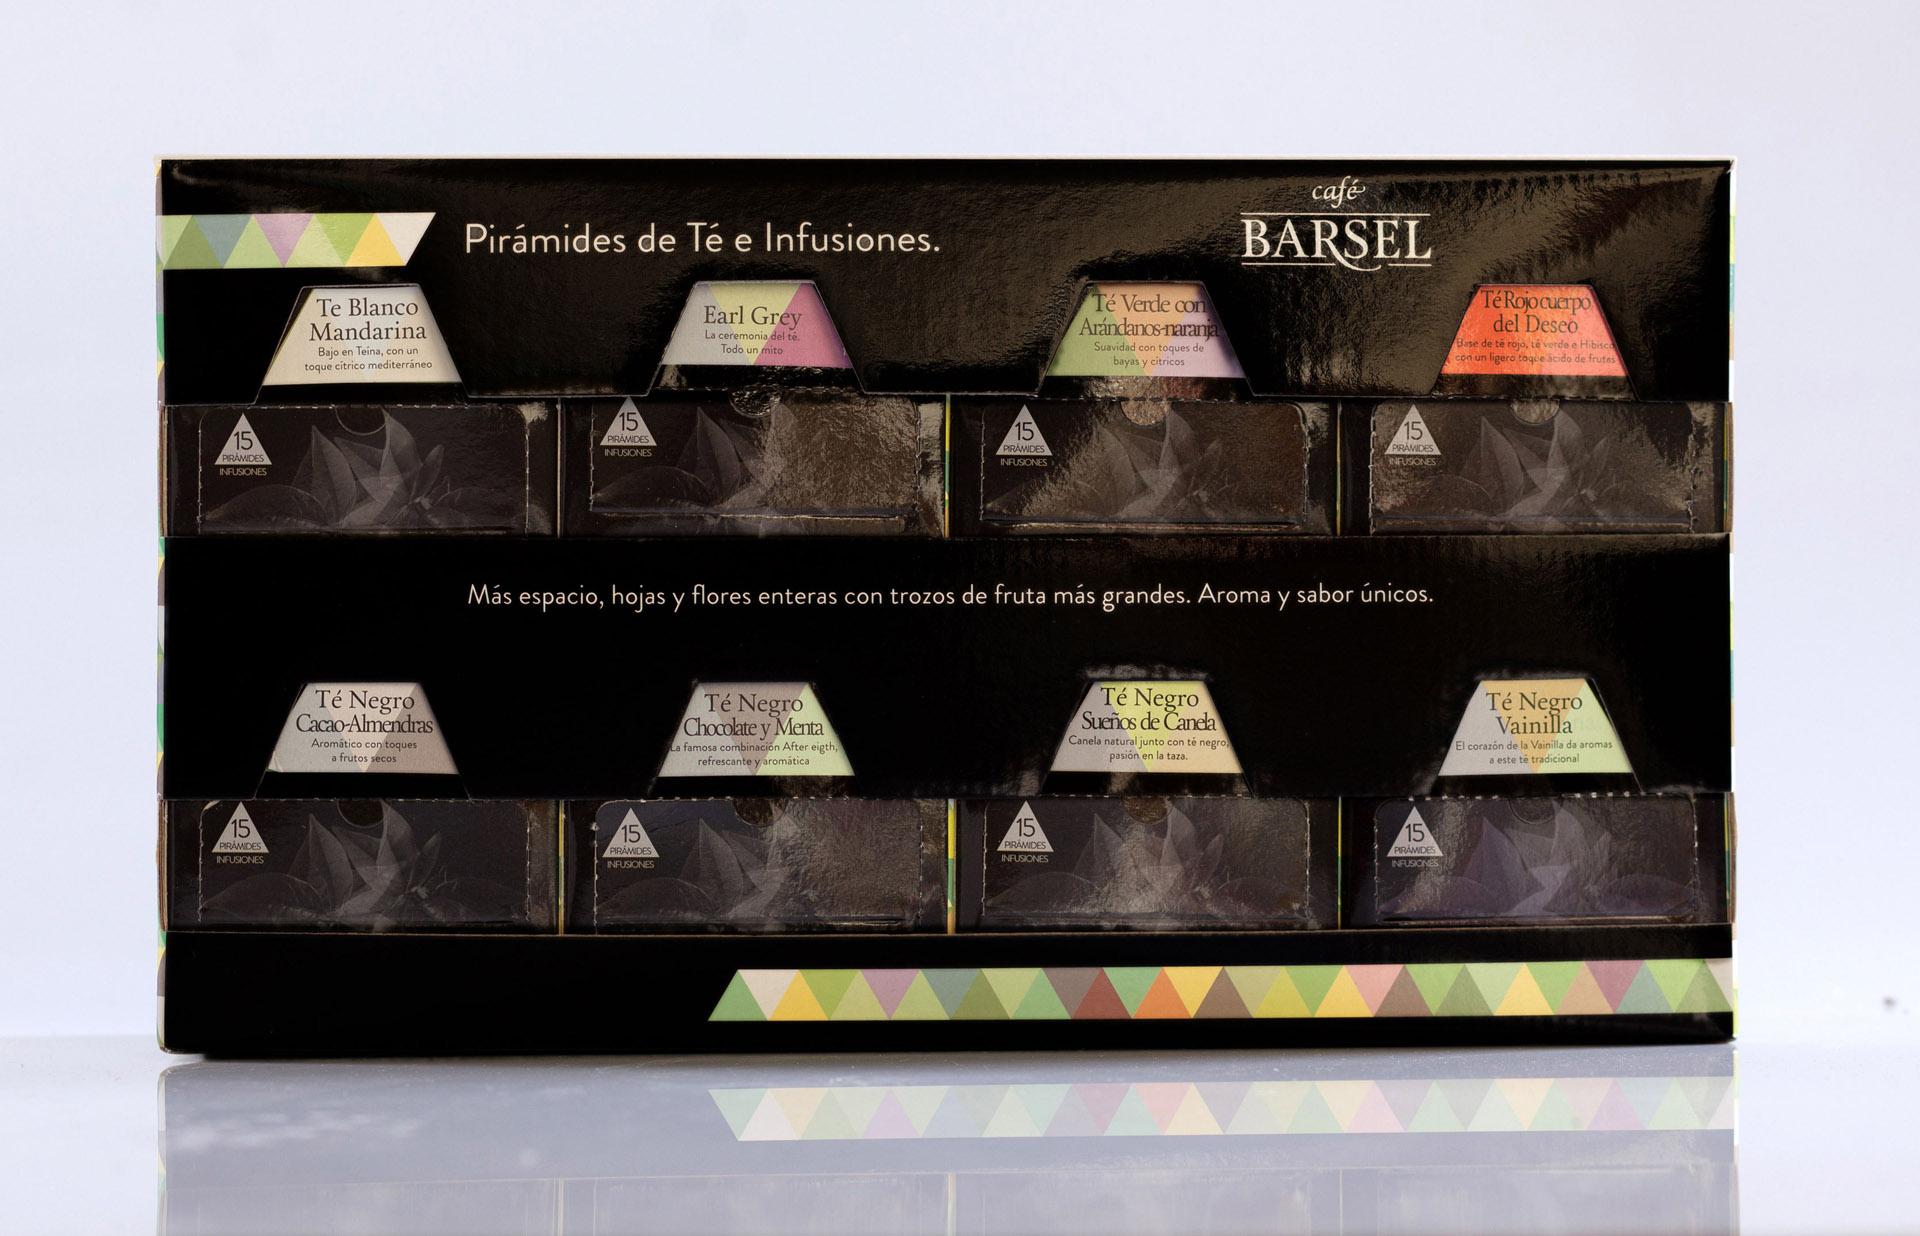 infusiones pirámides